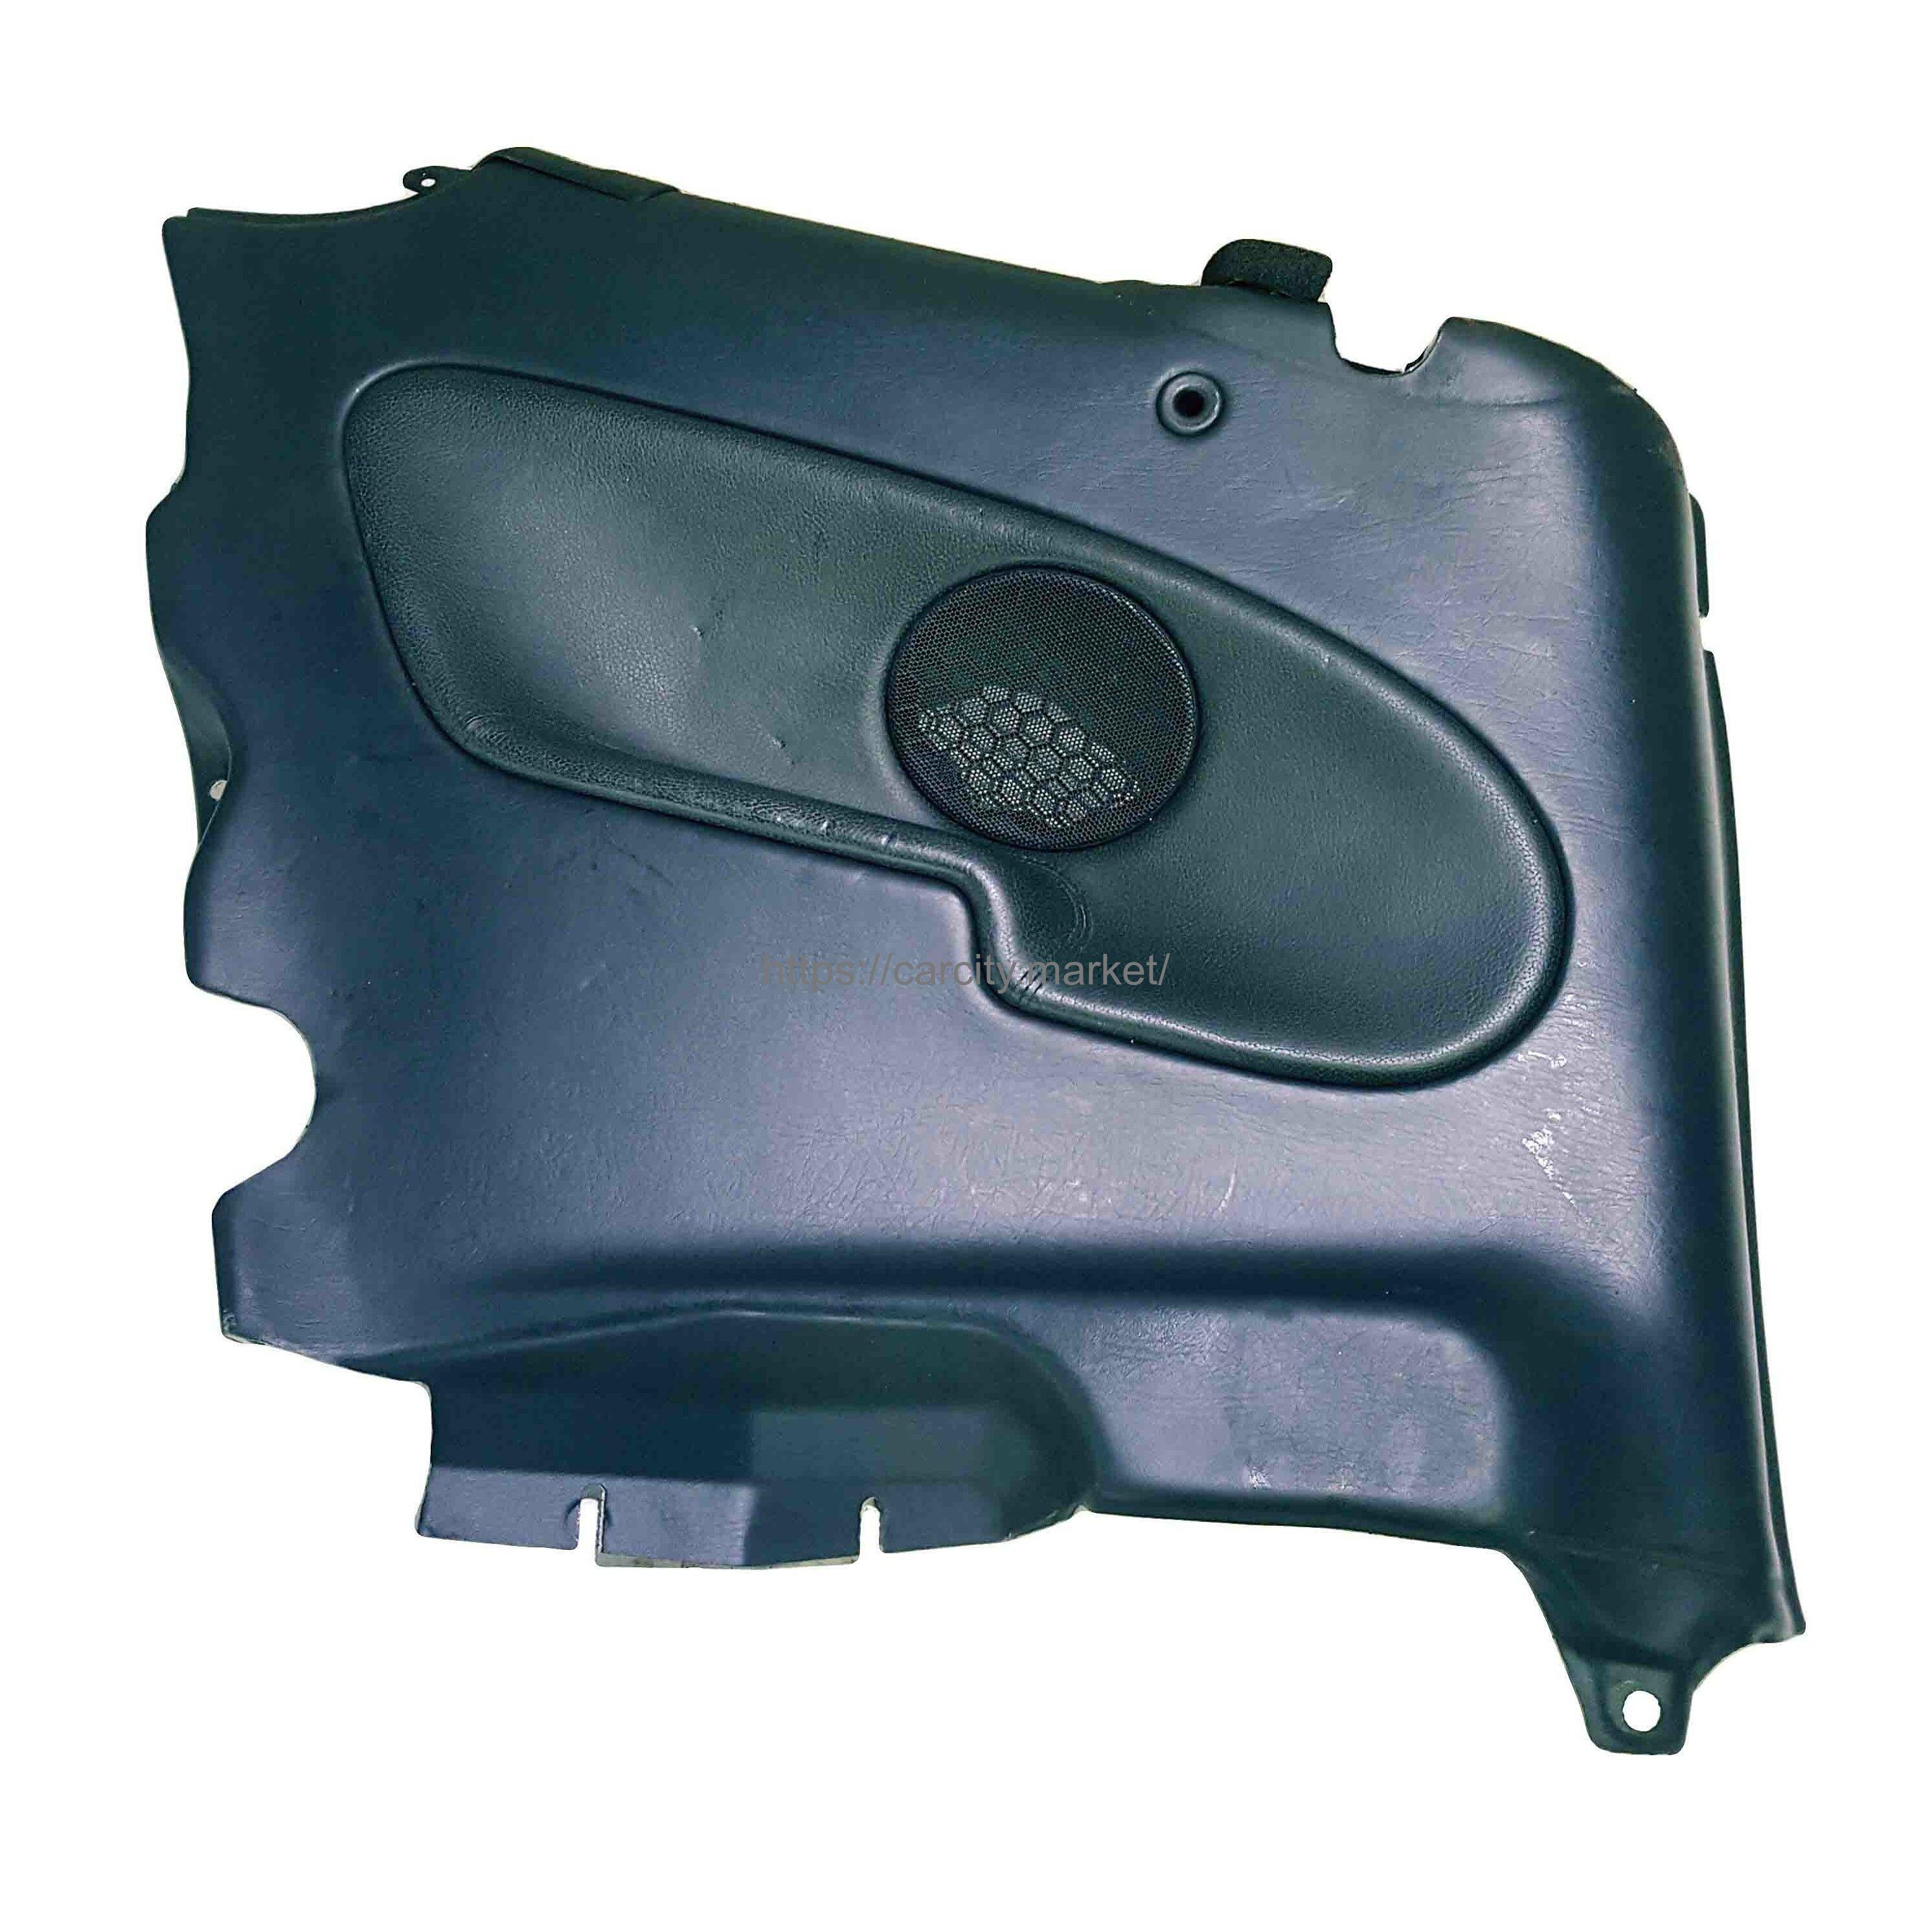 Обшивка боковая левая SAAB 9-3 1998-2003г купить в Карсти Маркет